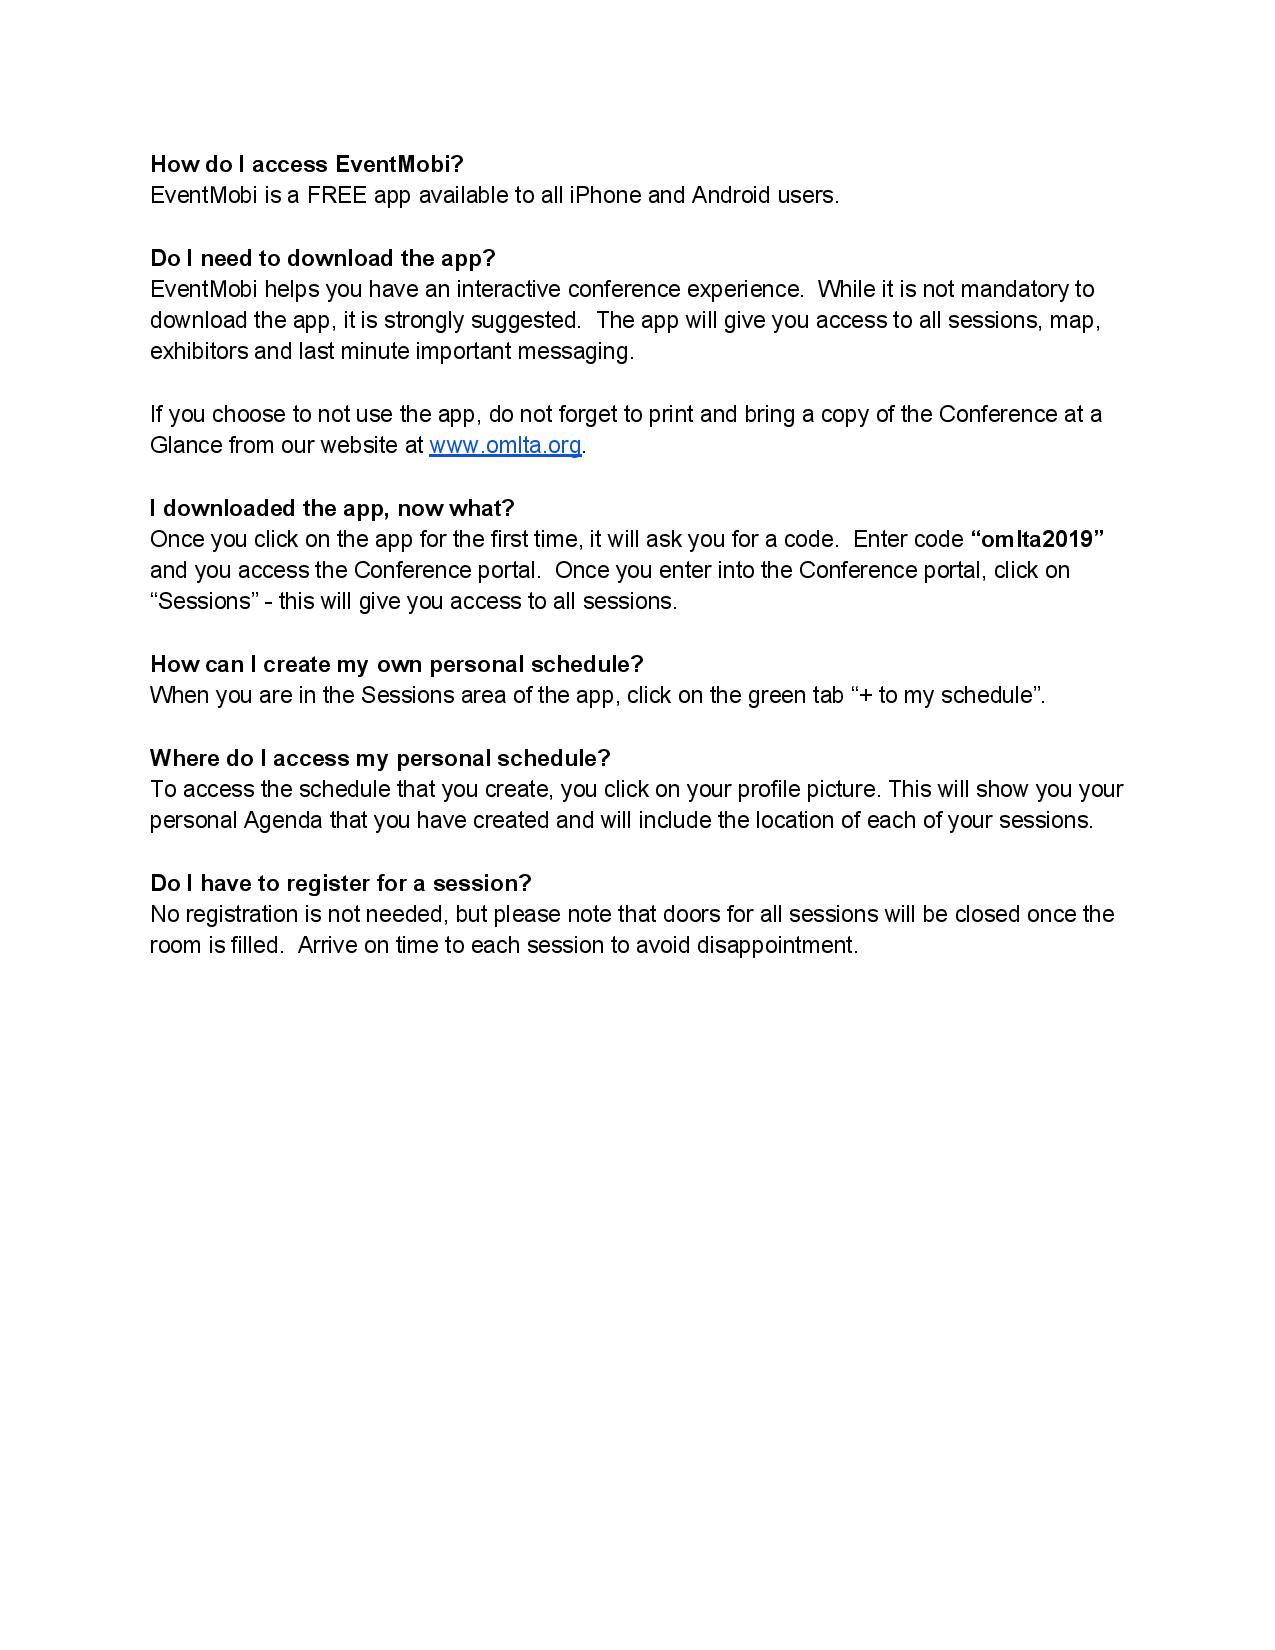 How to access EventMobi | OMLTA / AOPLV